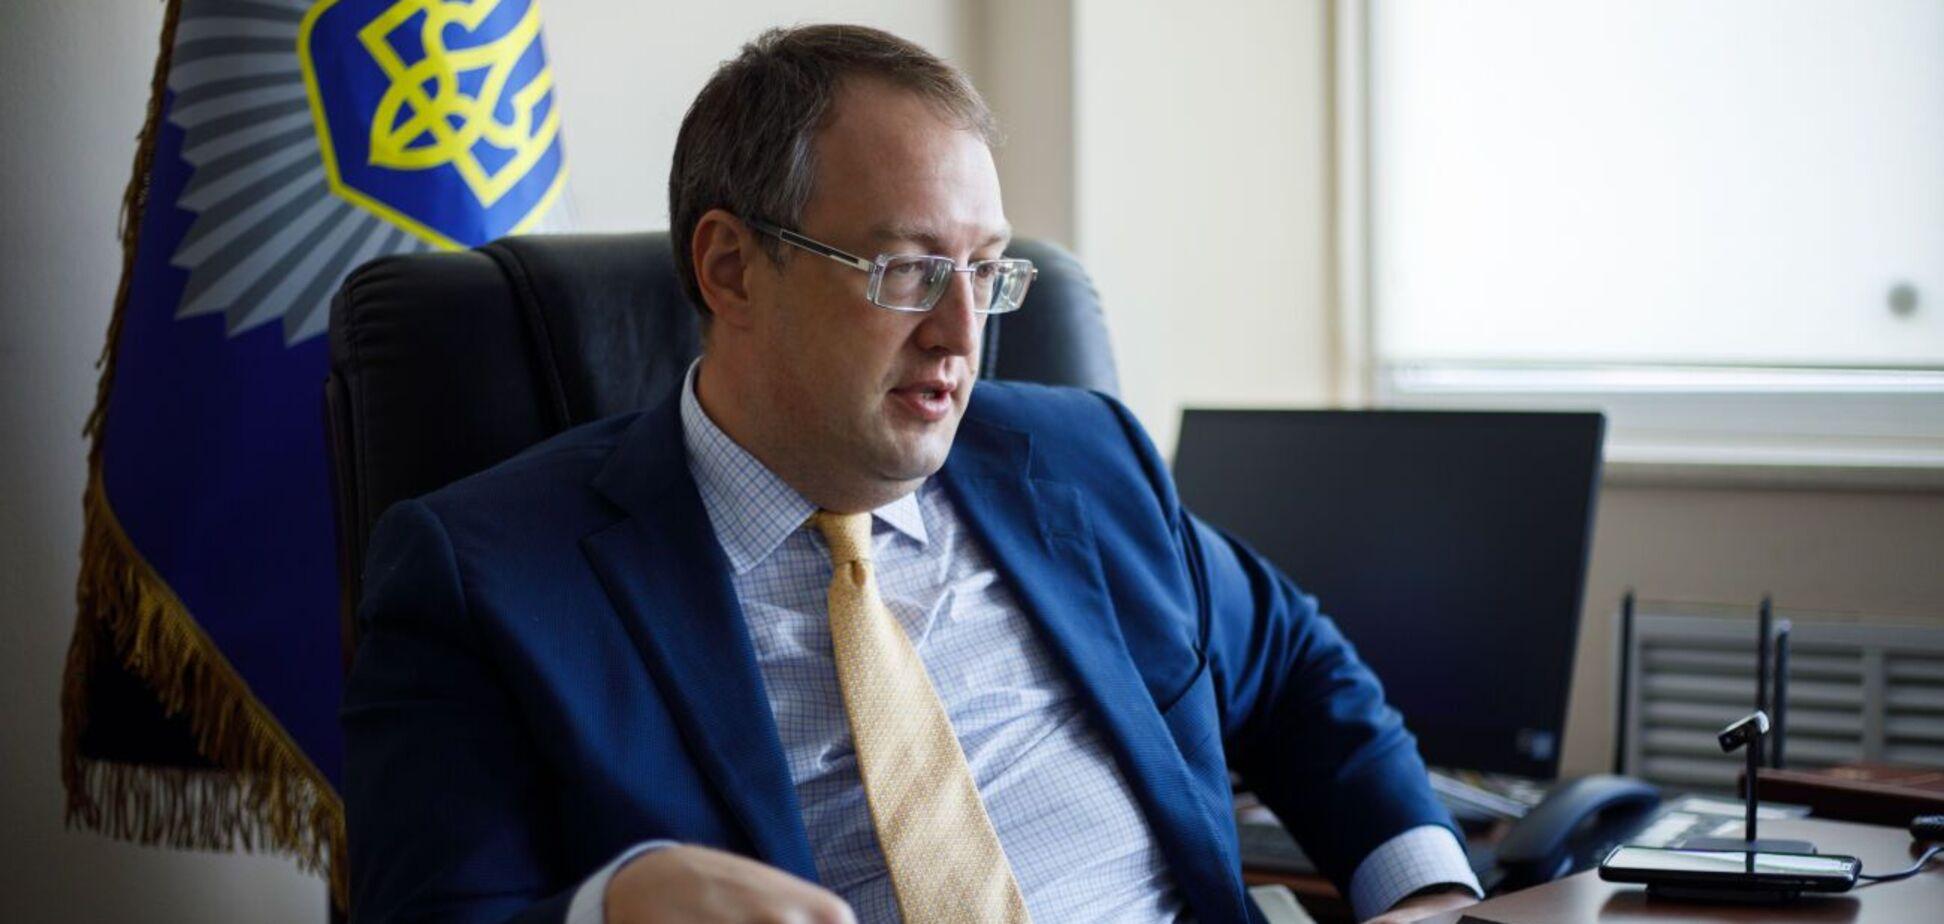 Геращенко рассказал о первоначальных версиях убийства Шеремета